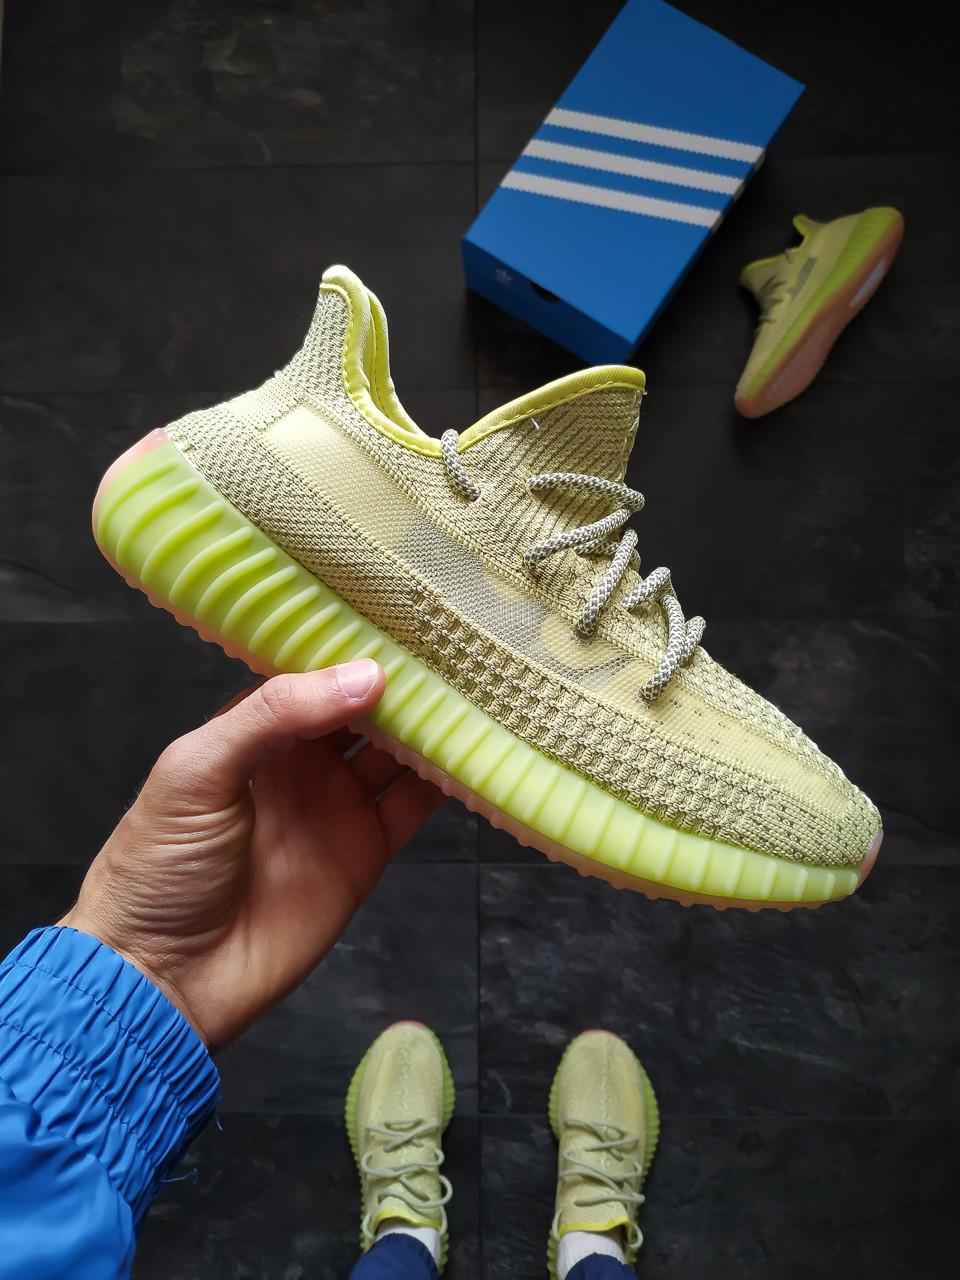 Чоловічі кросівки Adidas Yeezy Boost 350 салатневый